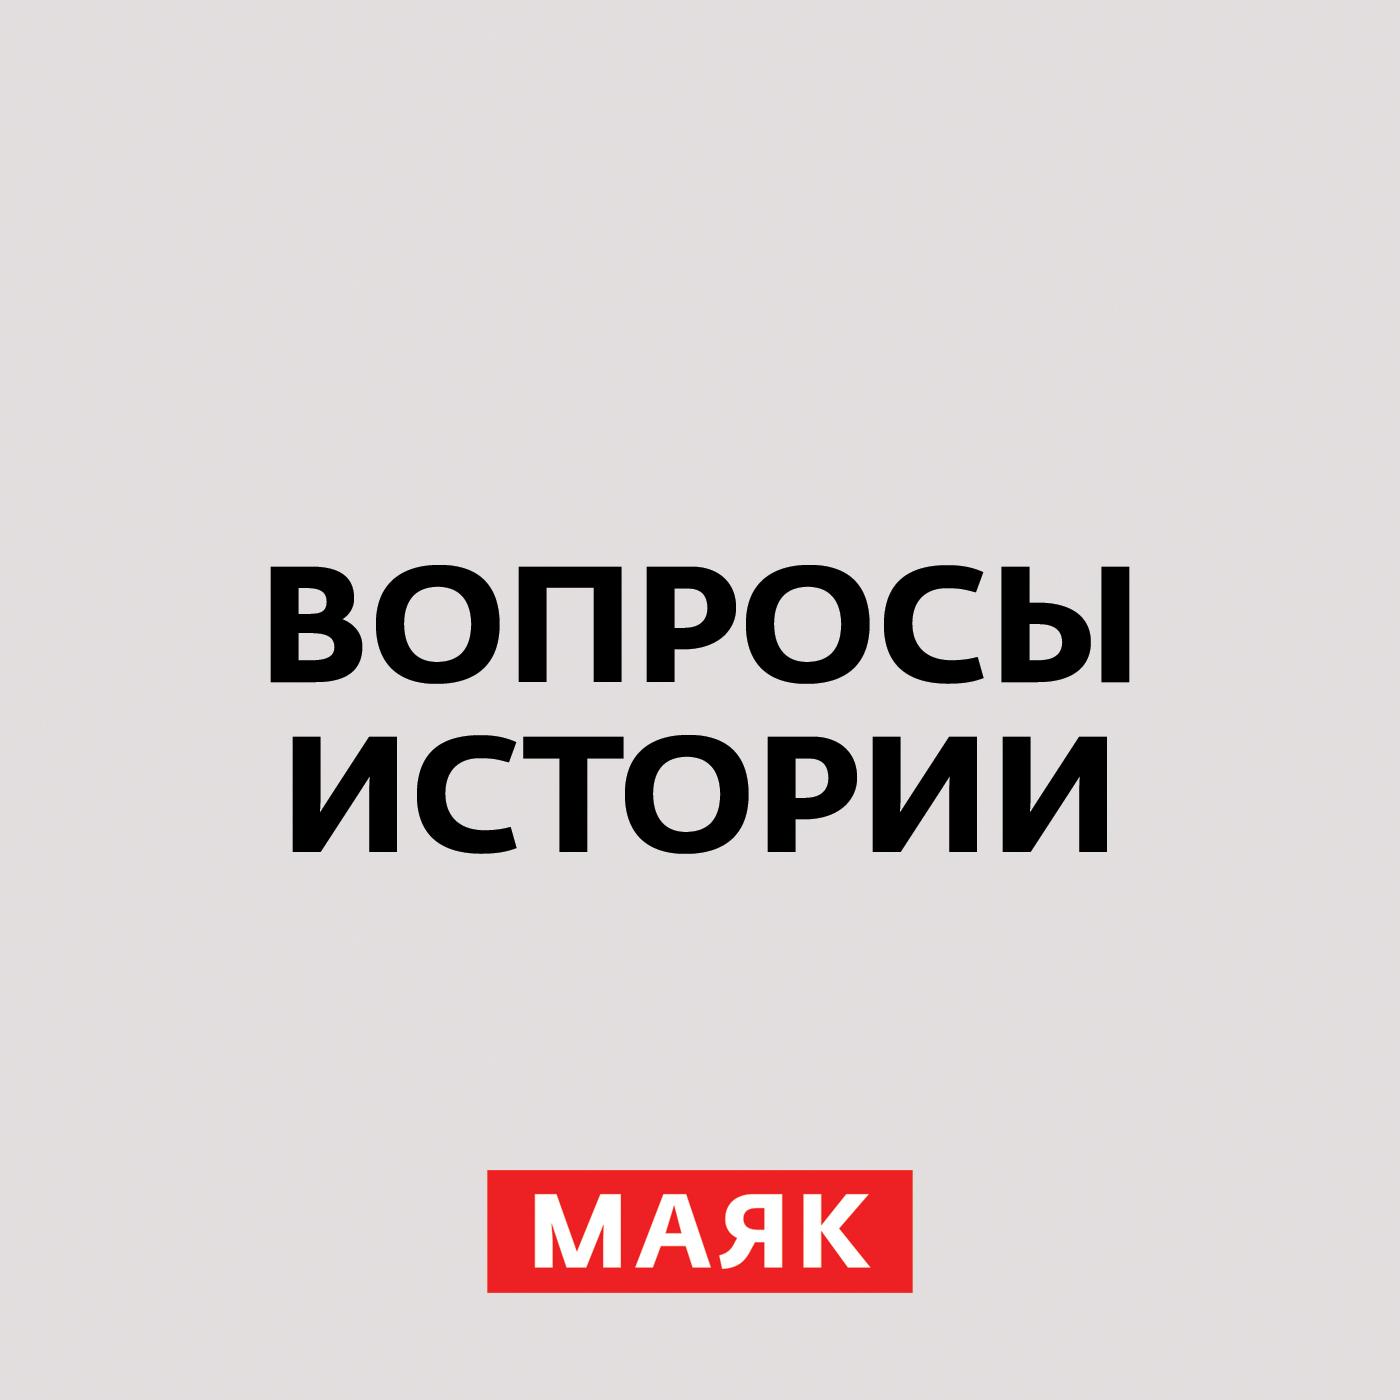 Андрей Светенко Августовский путч: за что гибли люди на улицах? Часть 1 андрей светенко при хрущёве люди освободились от страха